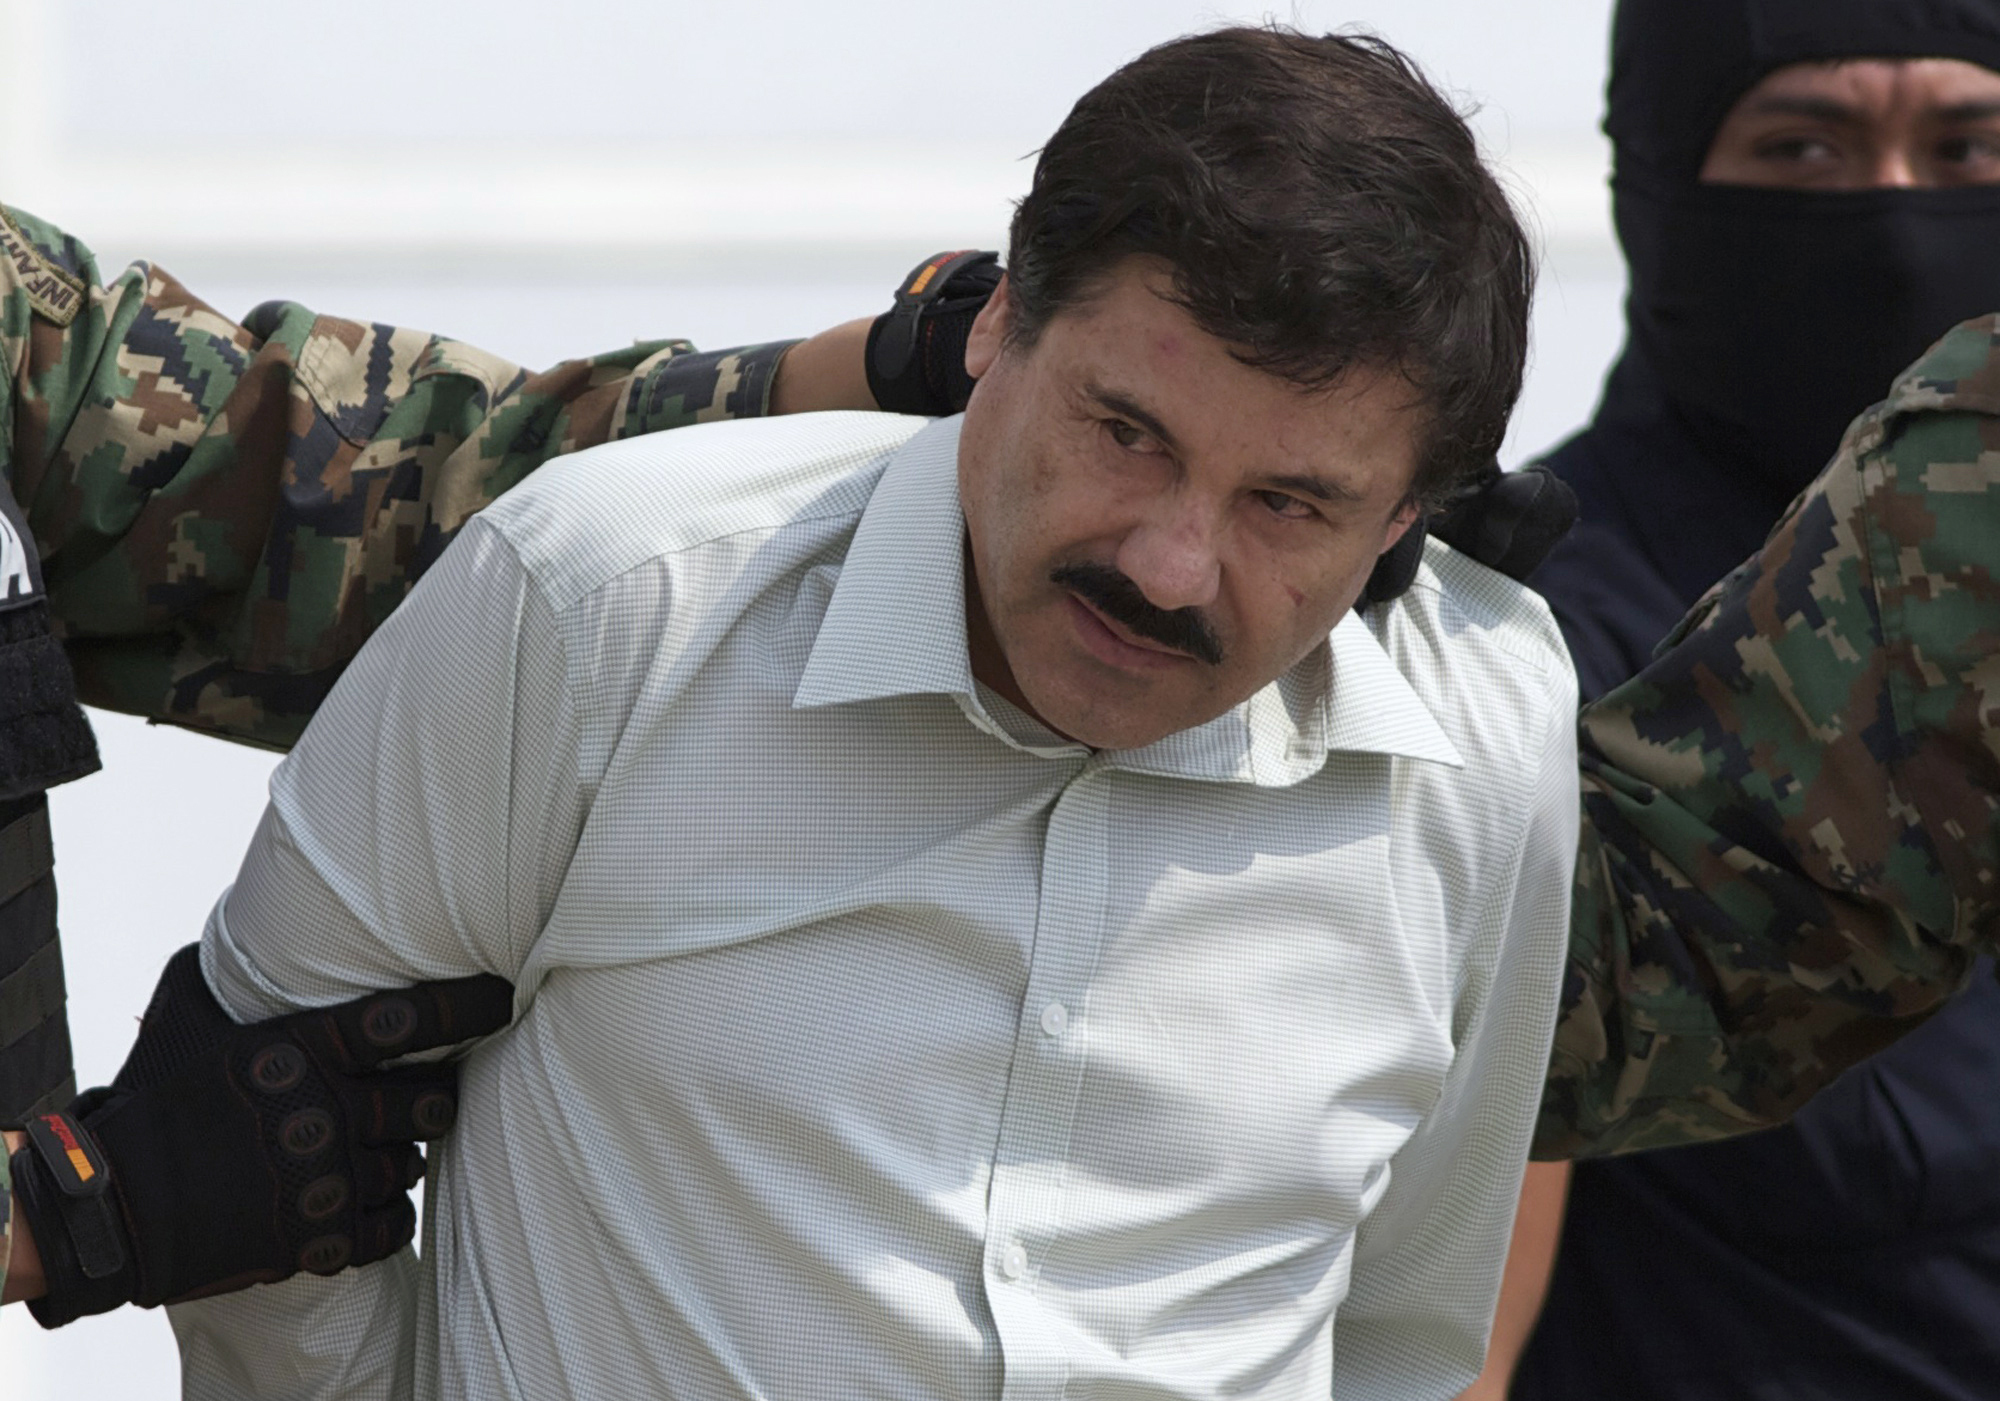 Mexican drug baron El Chapo sentenced to life in prison